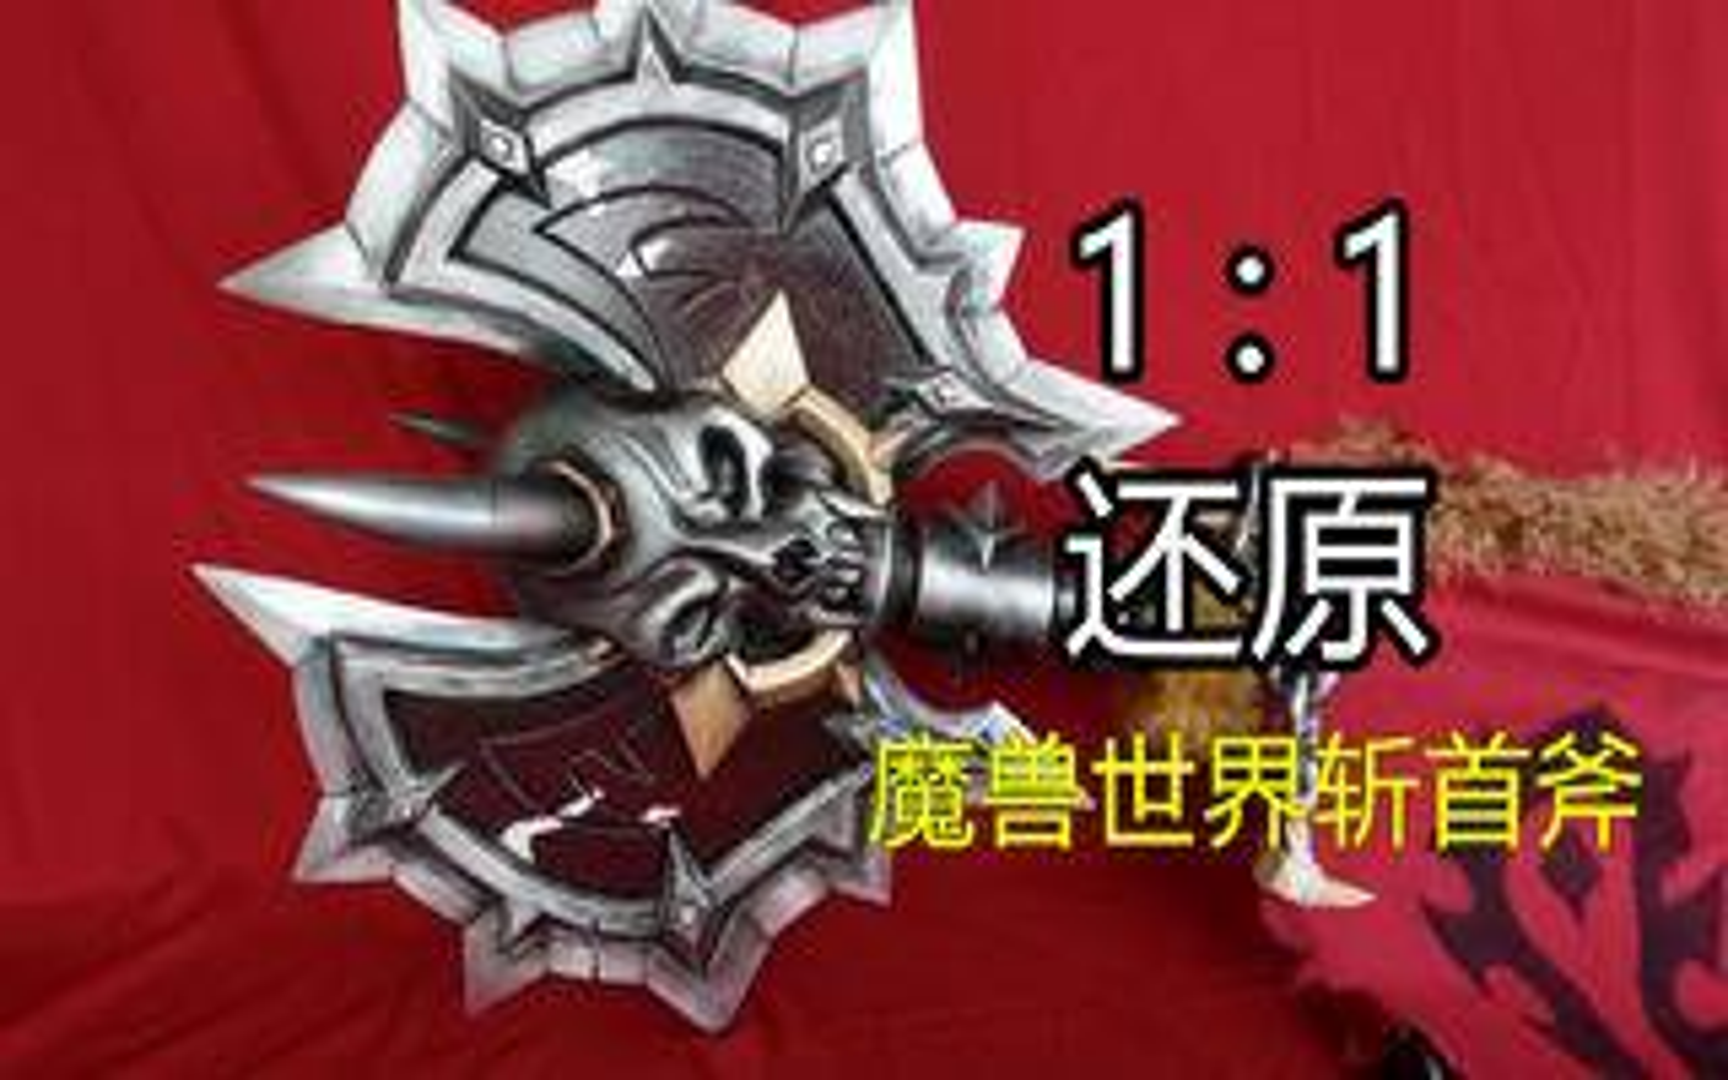 「大锤」1:1还原魔兽世界——荣耀战团的斩首斧 萨鲁法尔大王之斧